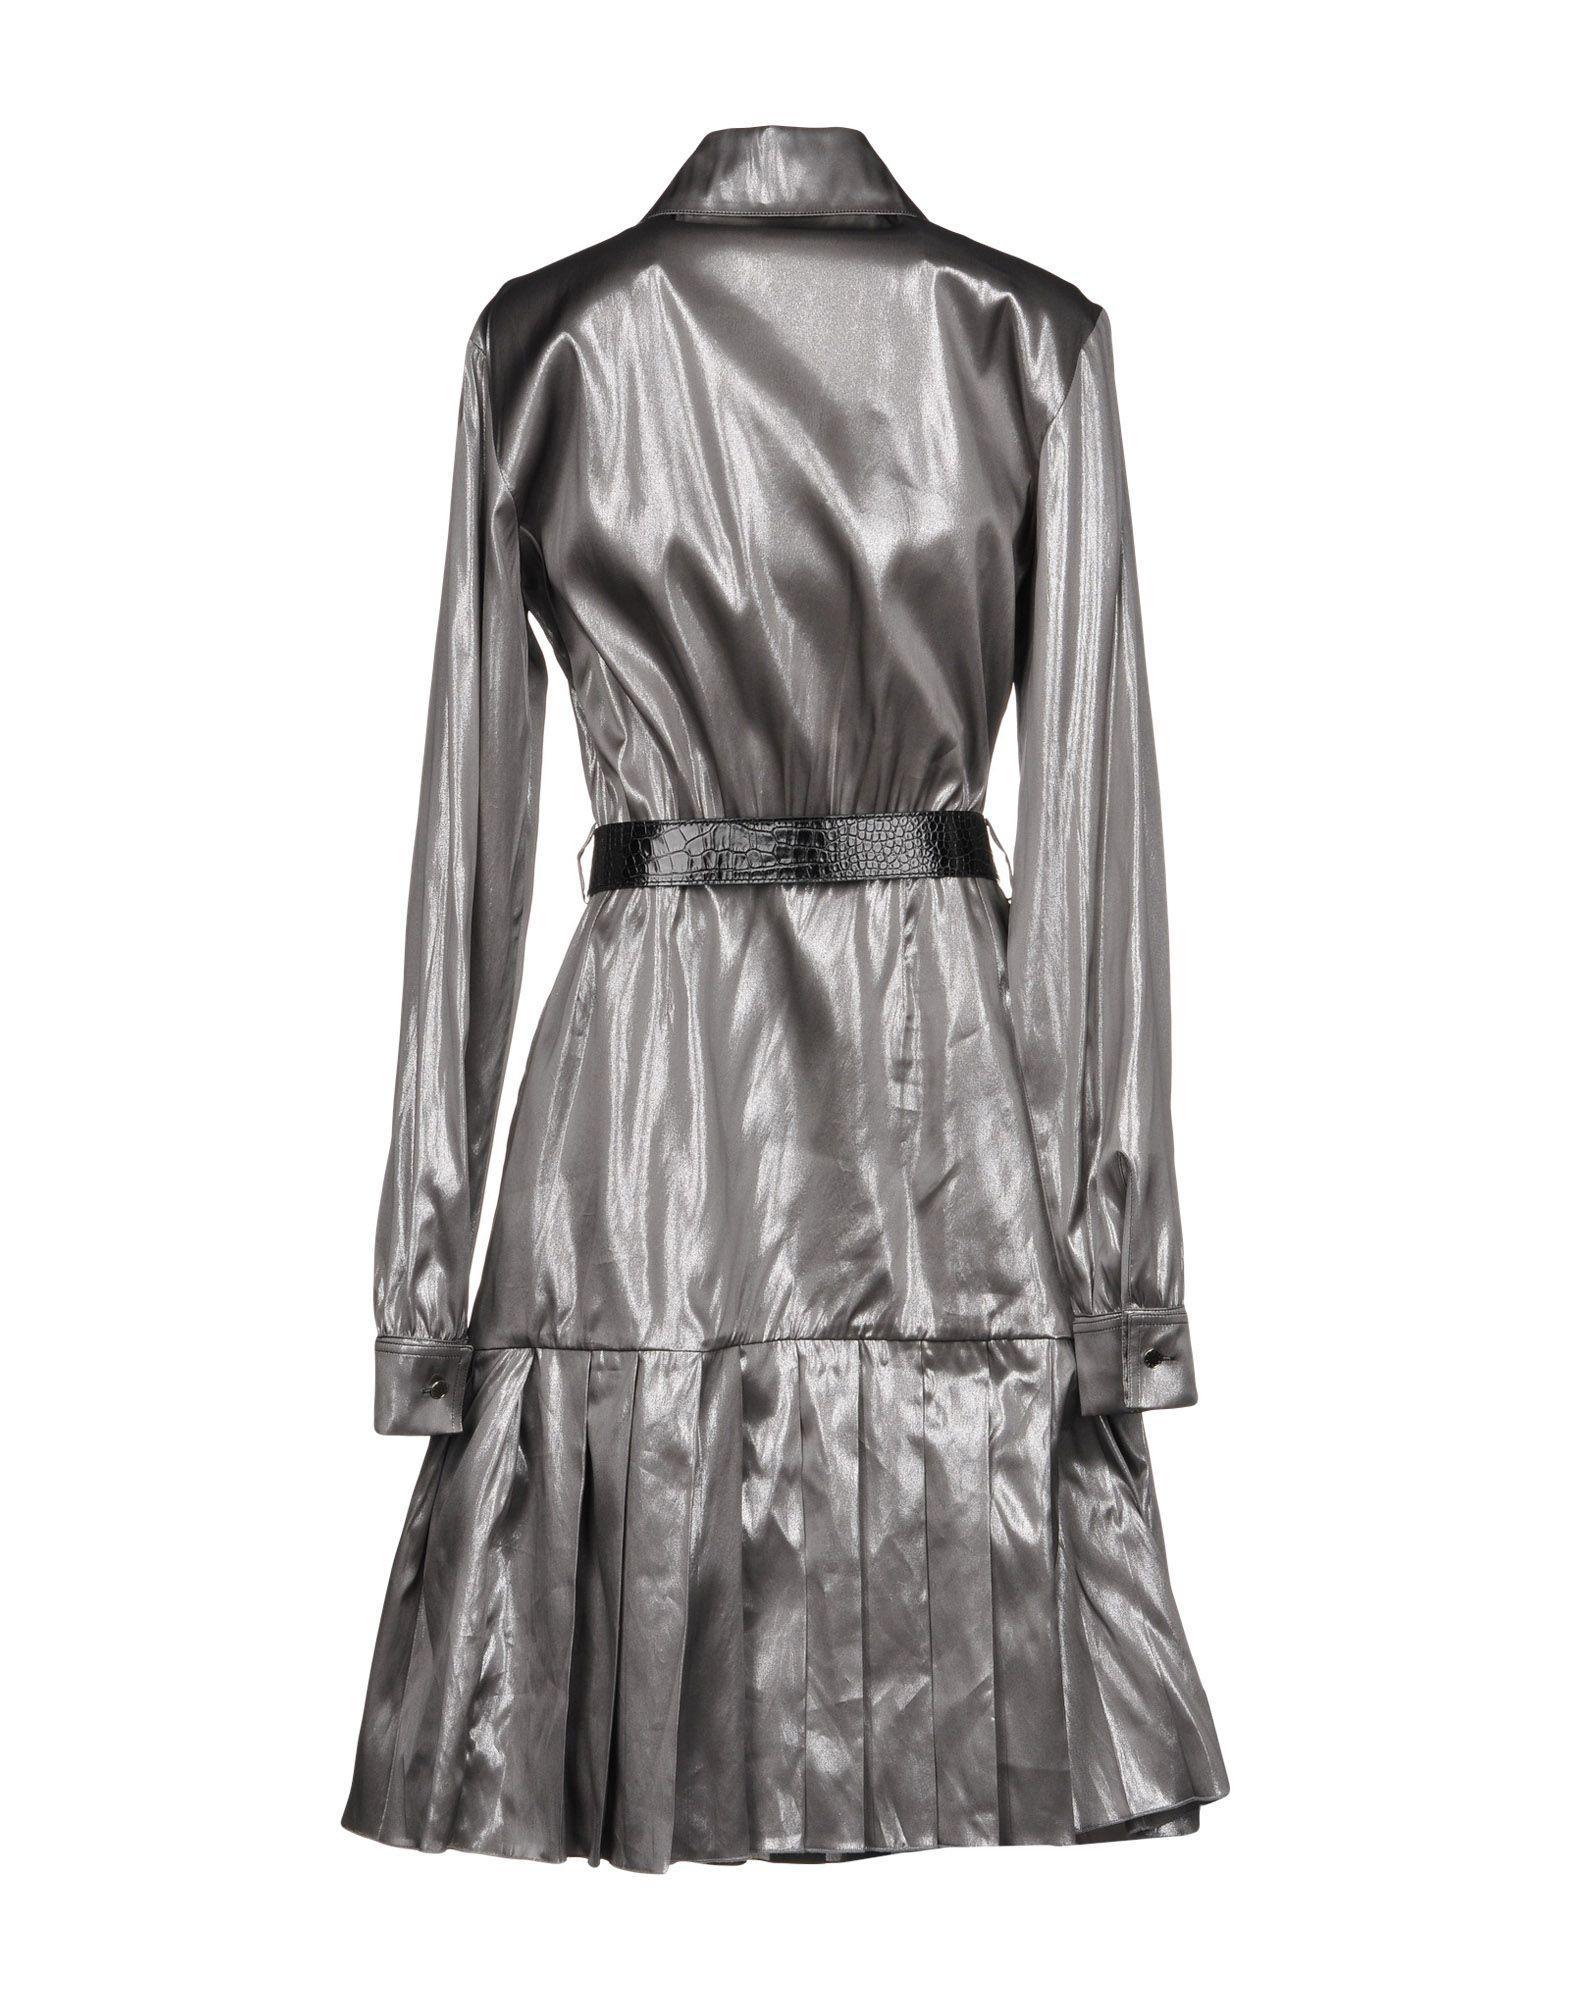 1017 ALYX 9SM Knielanges Kleid in Mettallic